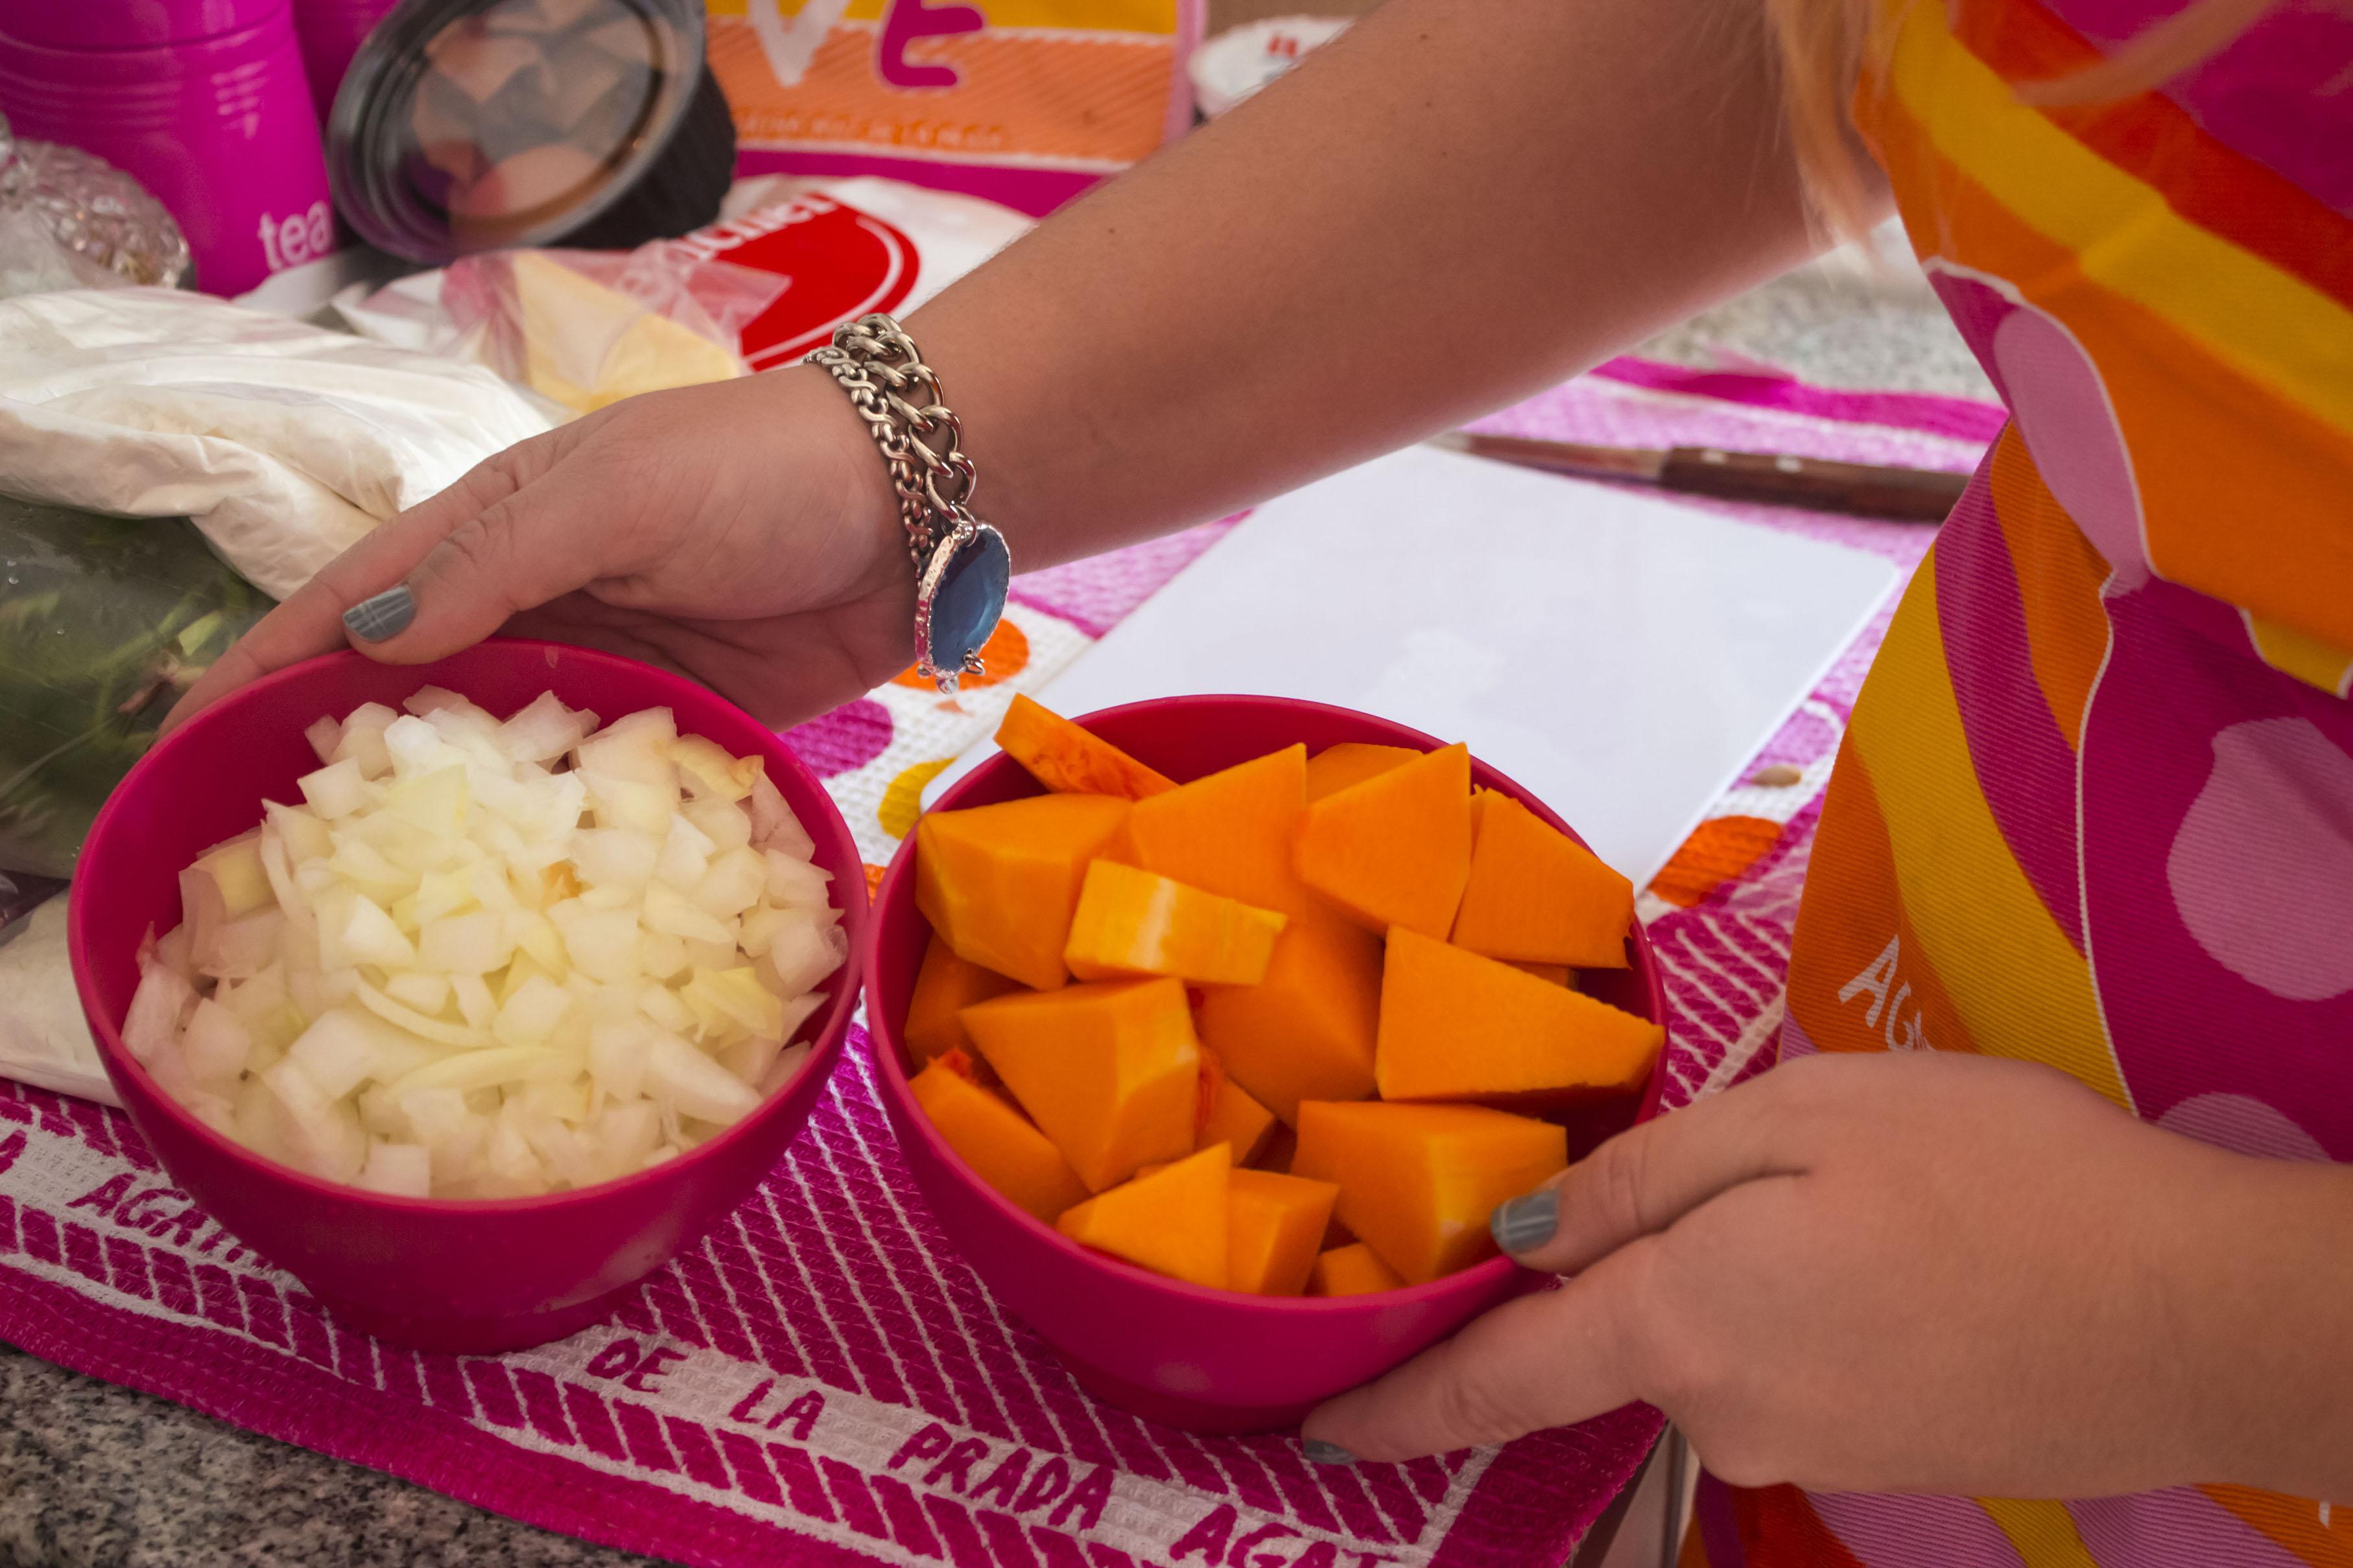 Cebolla y zapallo cortados y listos para cocinar